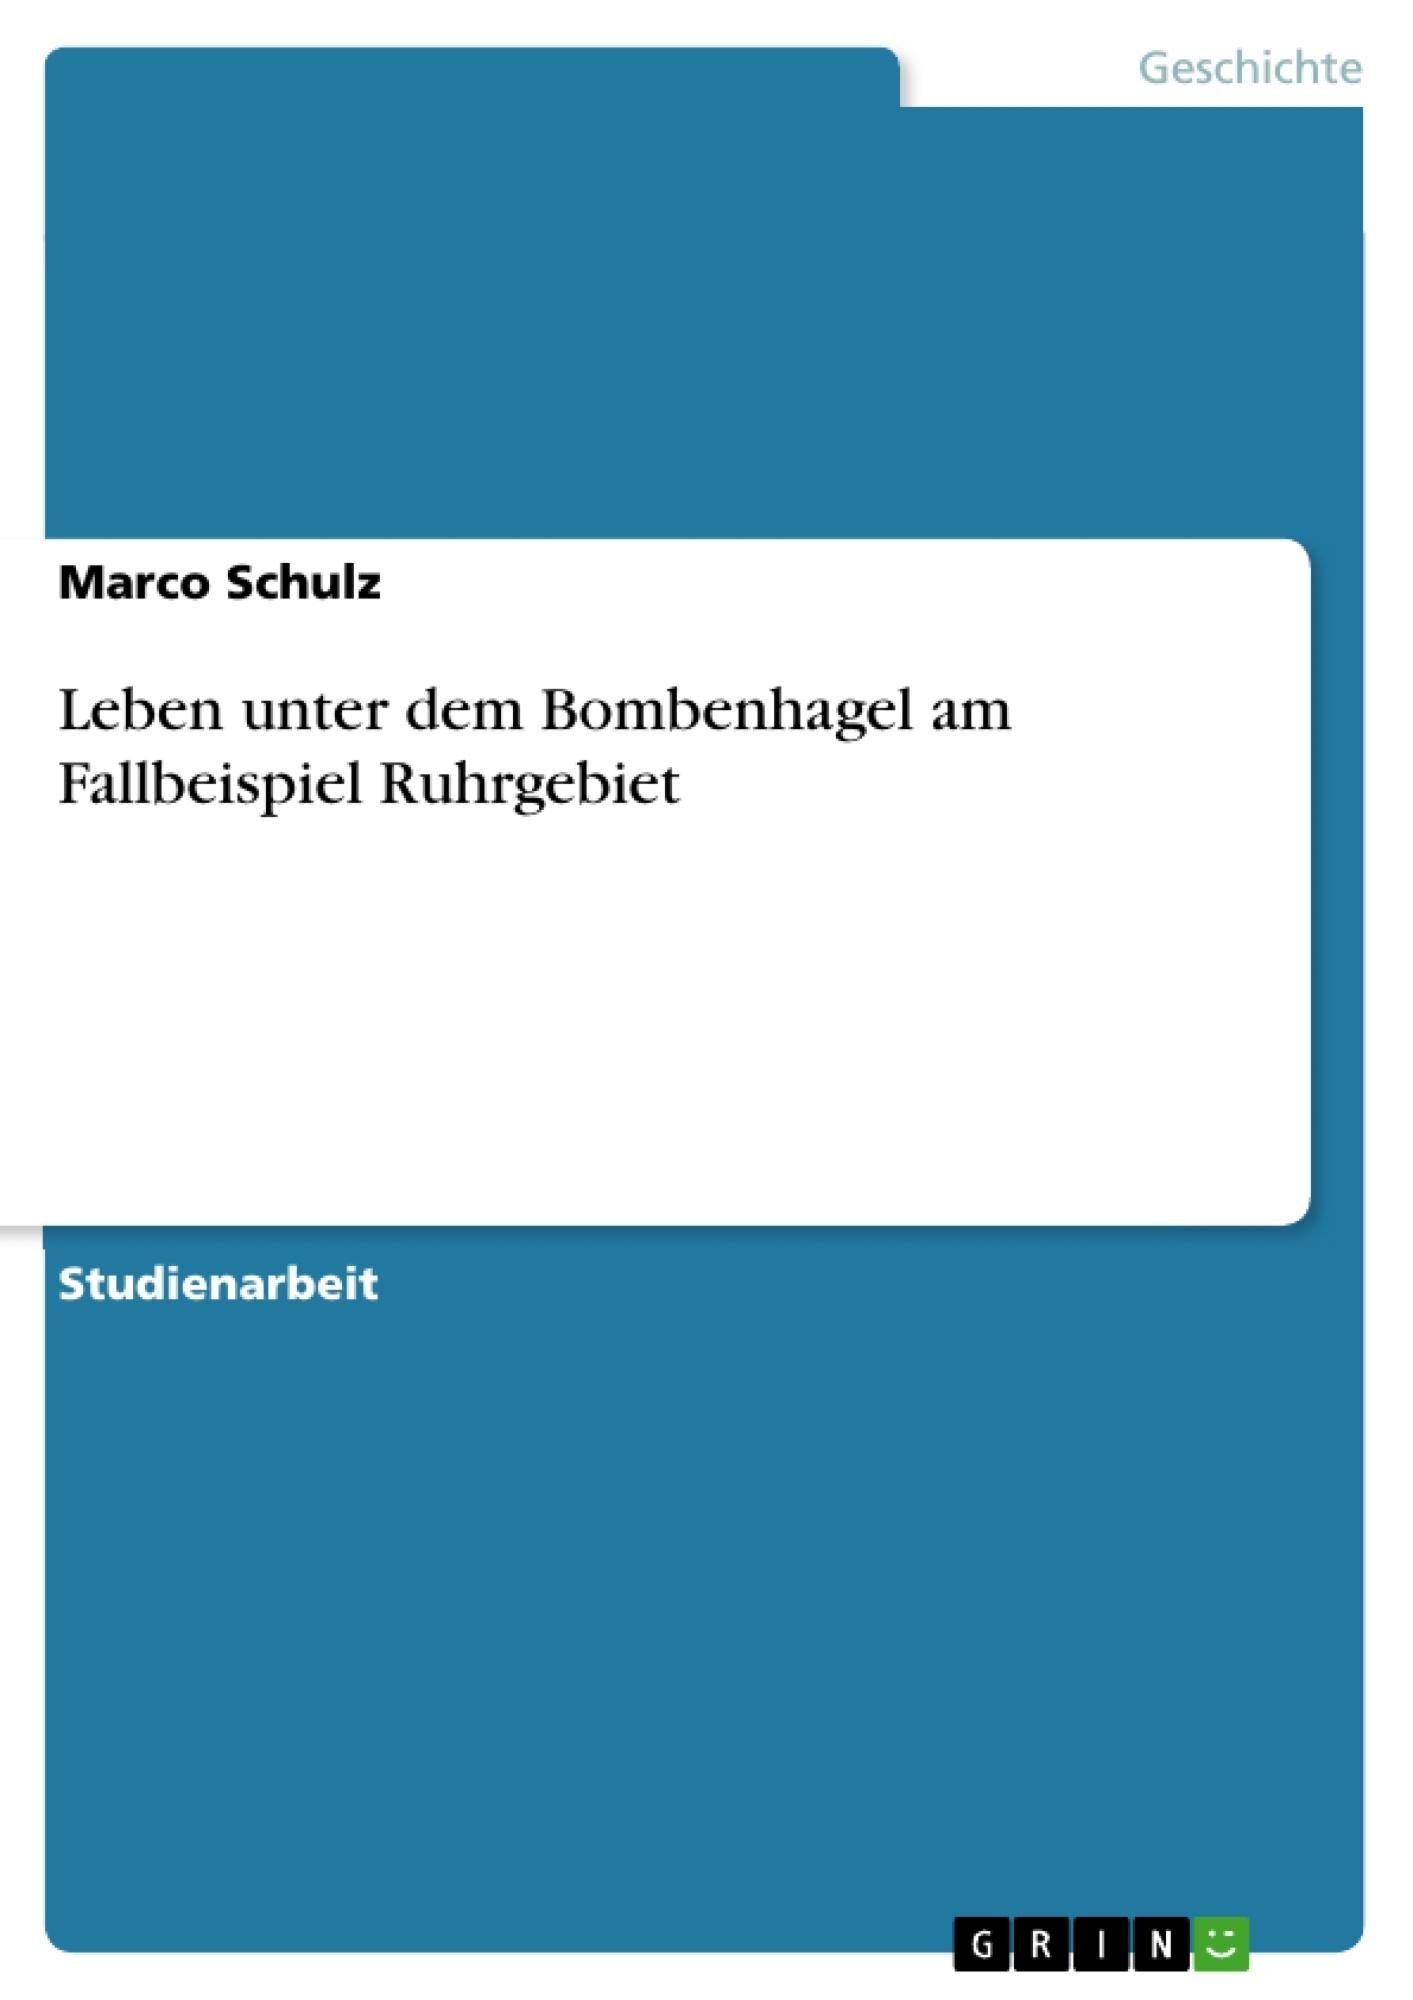 Titel: Leben unter dem Bombenhagel am Fallbeispiel Ruhrgebiet